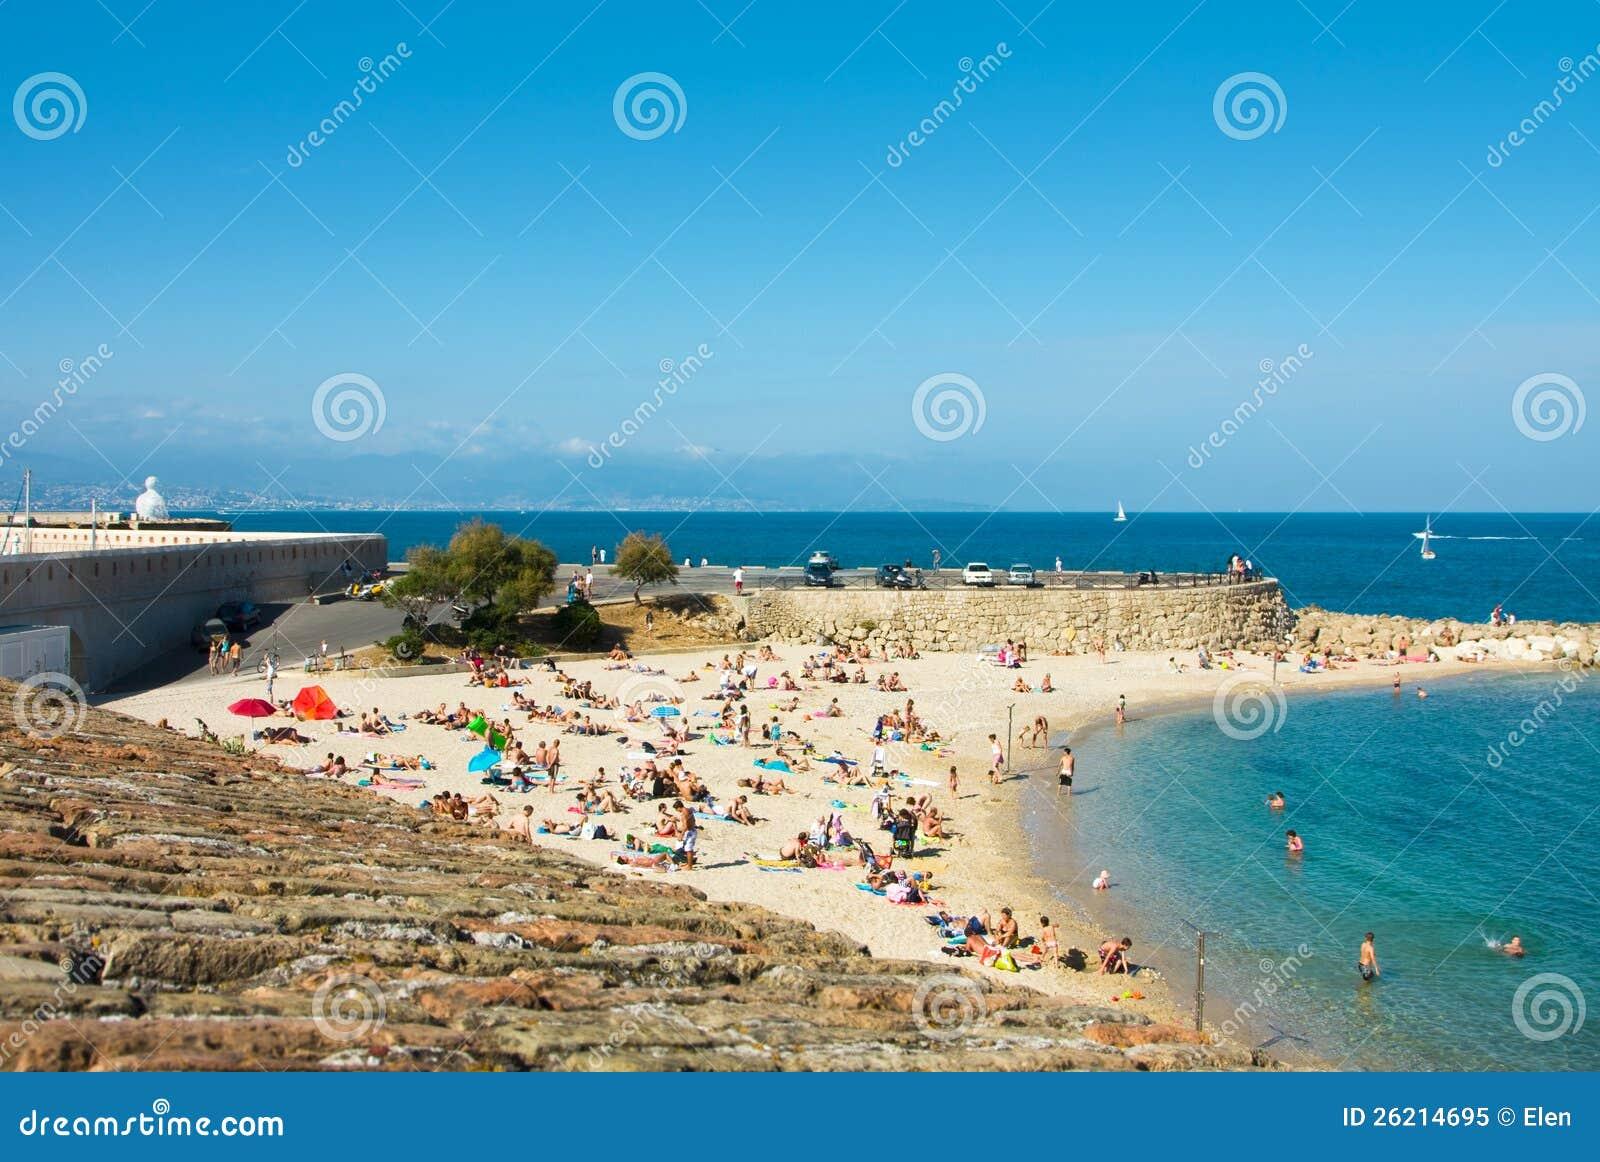 Spiaggia e mare nella citt di antibes francia fotografia for 3 piani di design da spiaggia